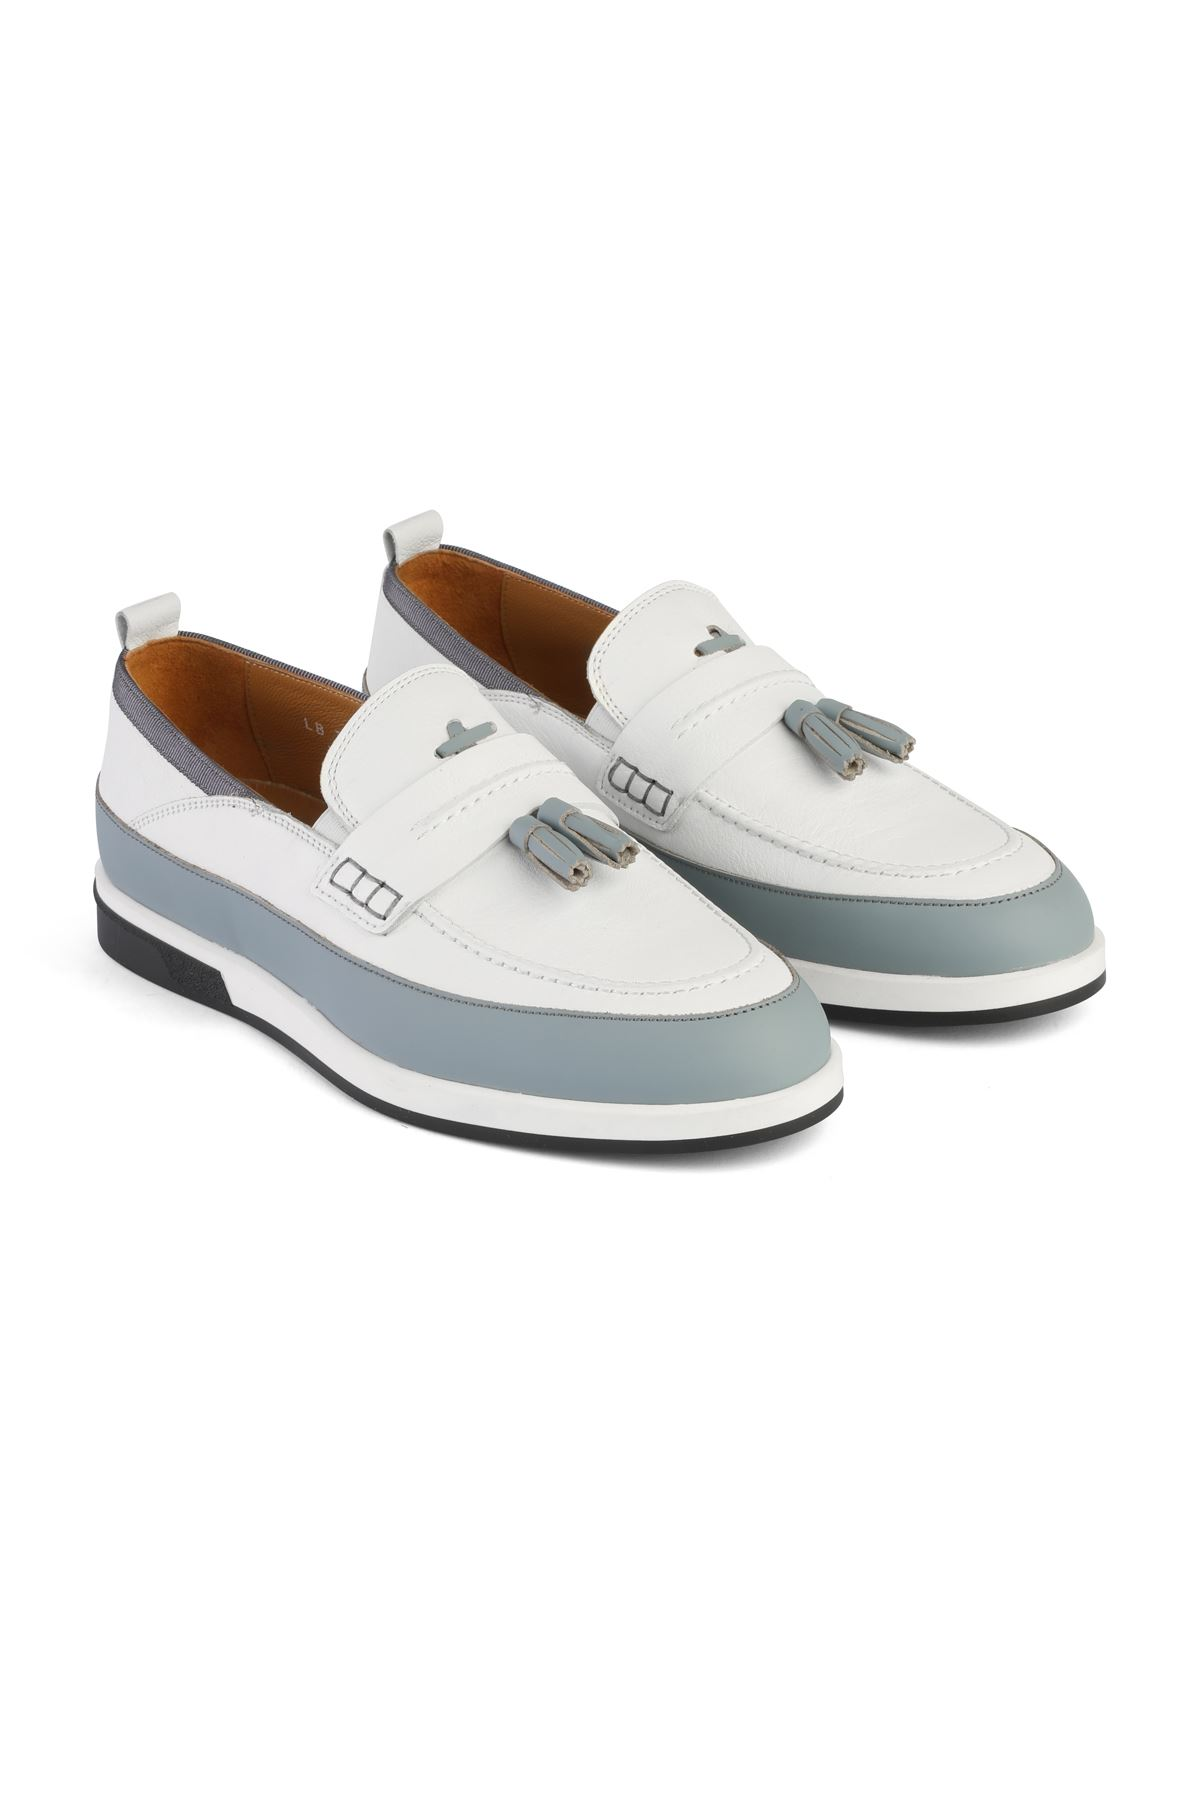 Libero 3366 Beyaz Loafer Ayakkabı